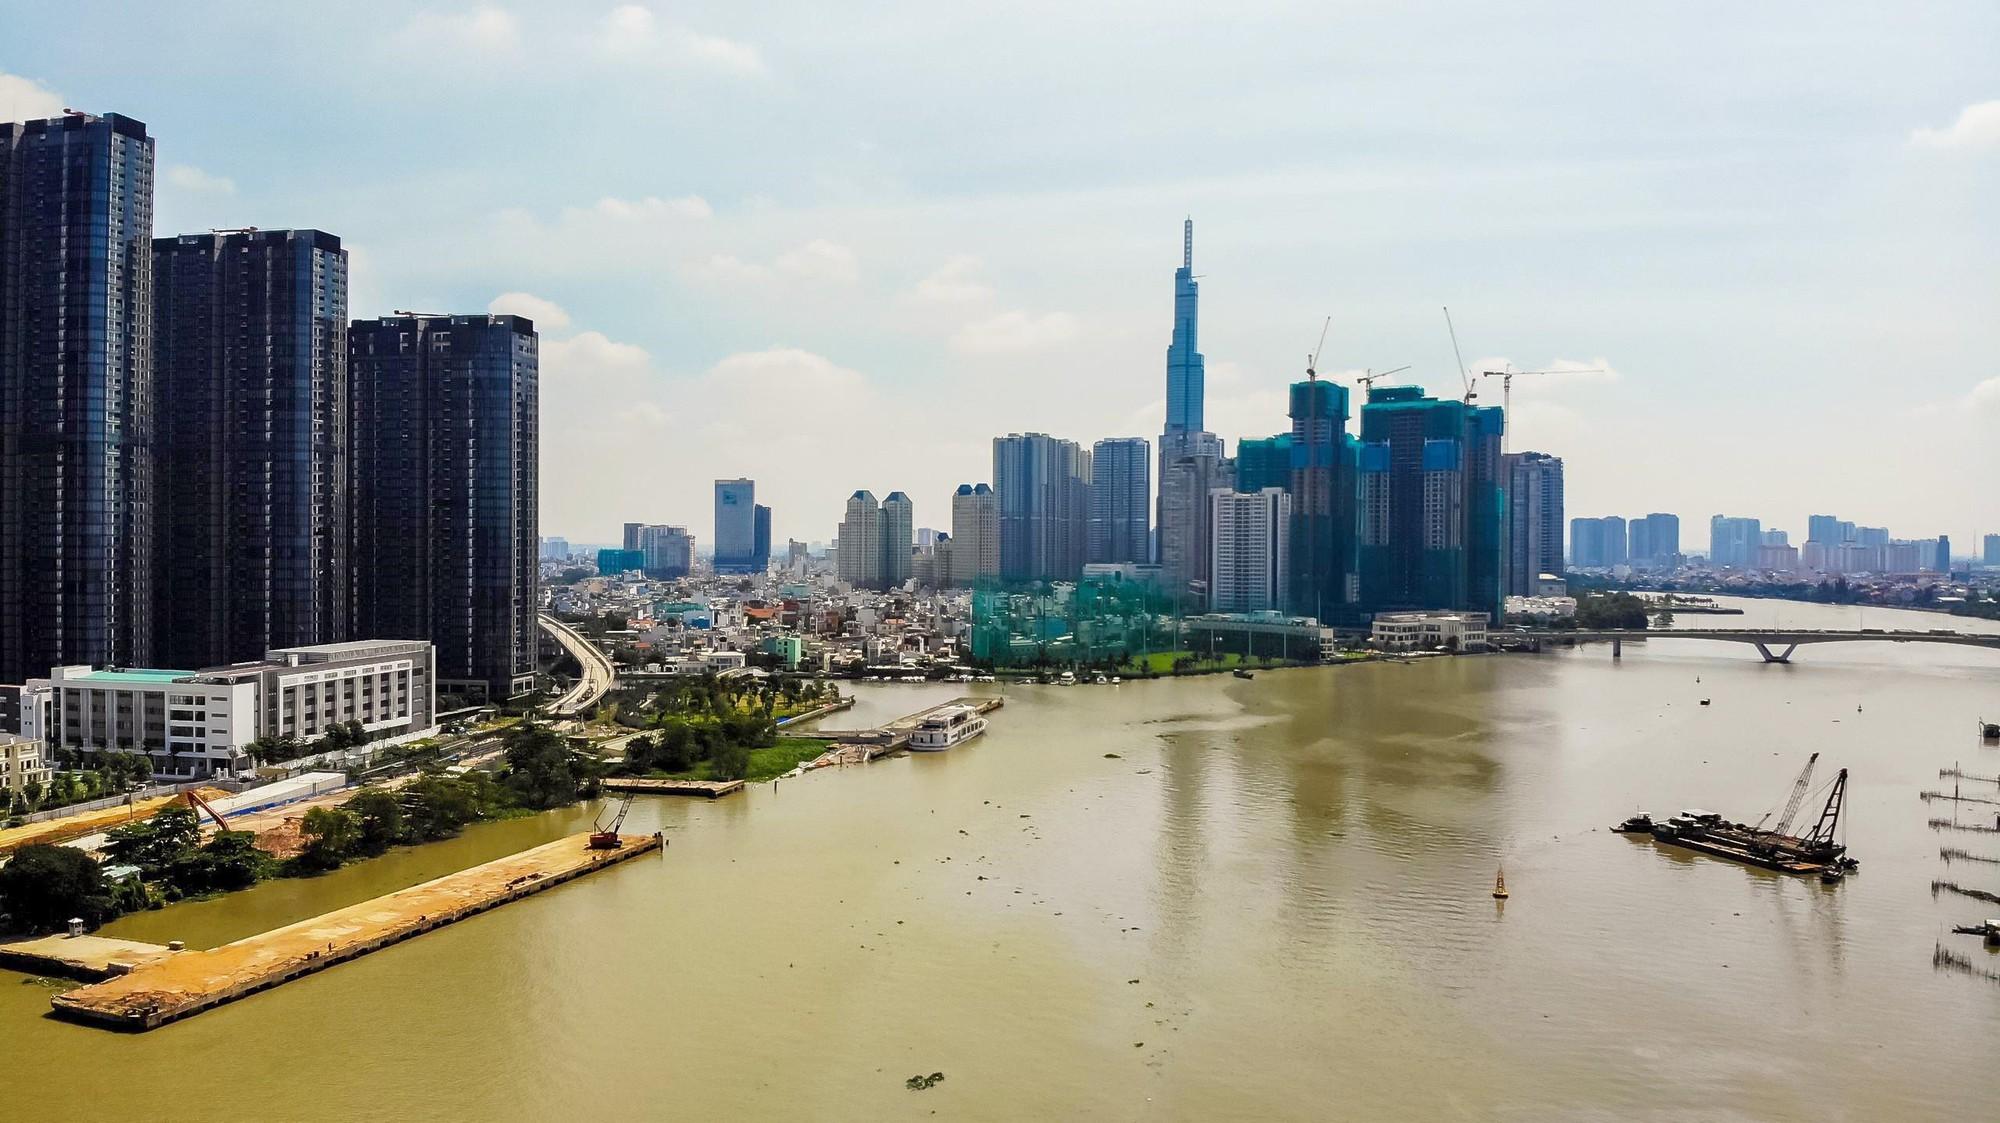 Nhà giá rẻ dần biến mất, căn hộ triệu USD ngày càng sinh sôi ở TP HCM - Ảnh 2.